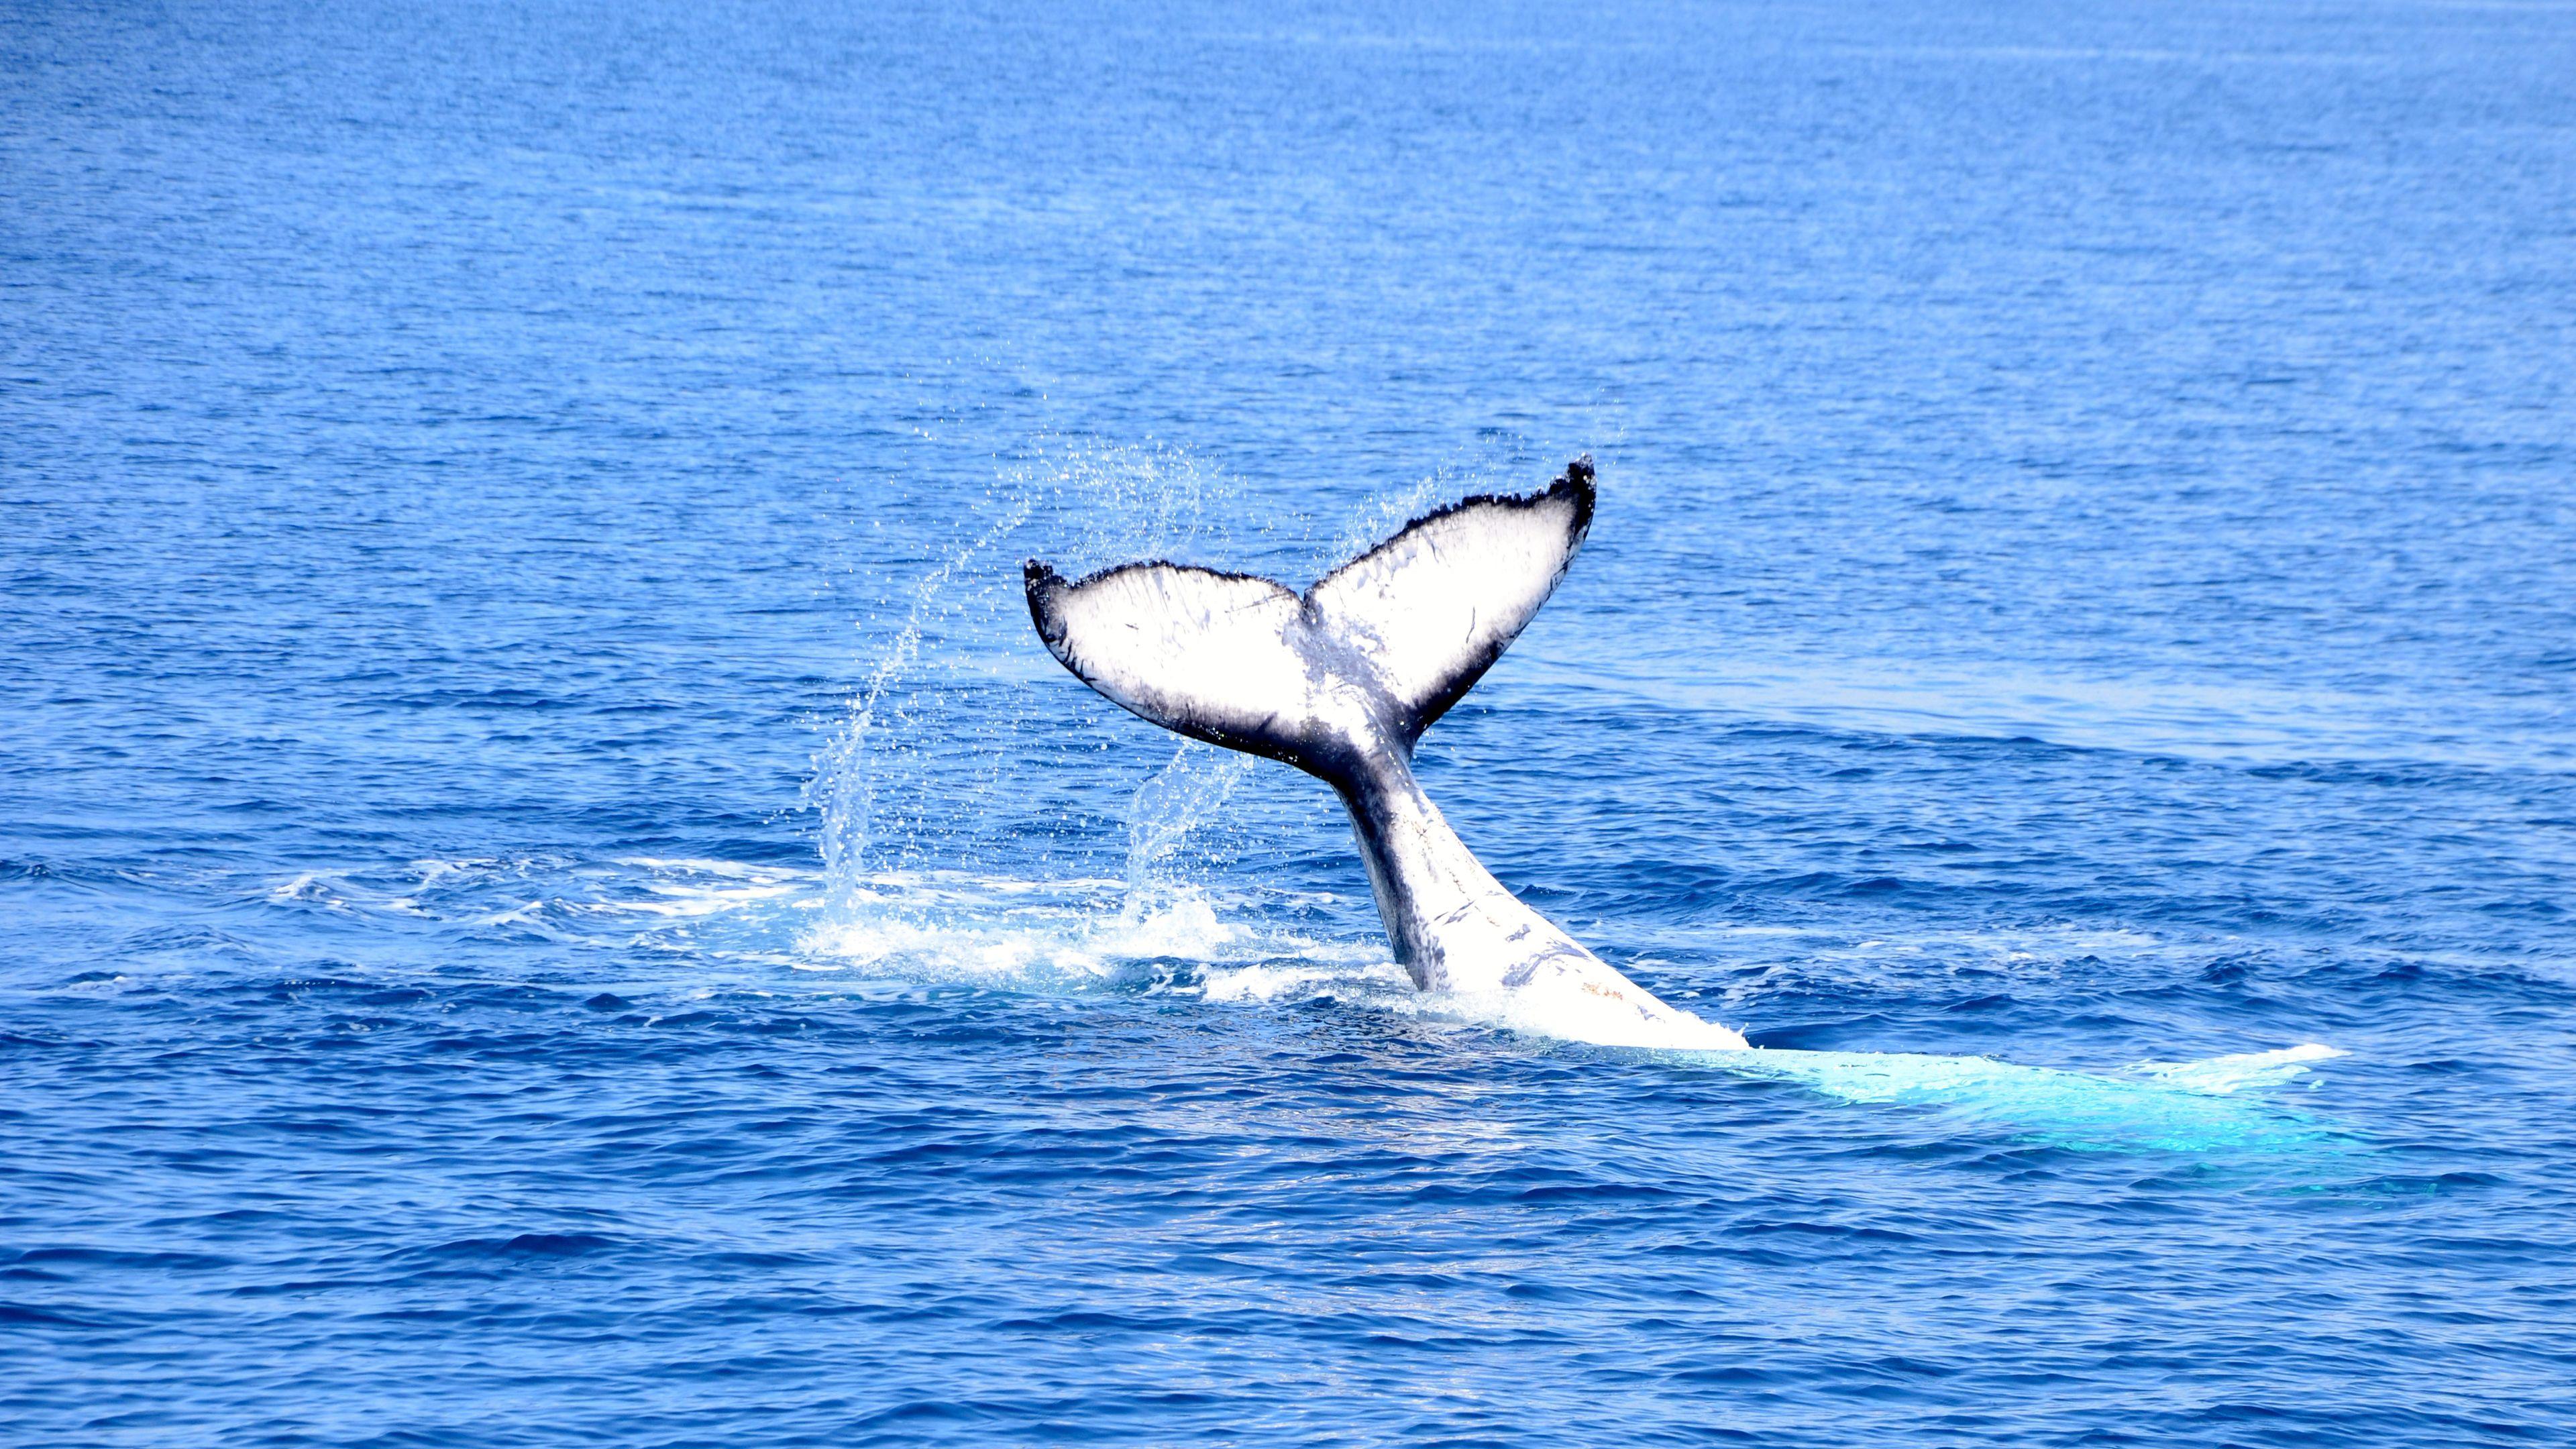 whale tail splashing